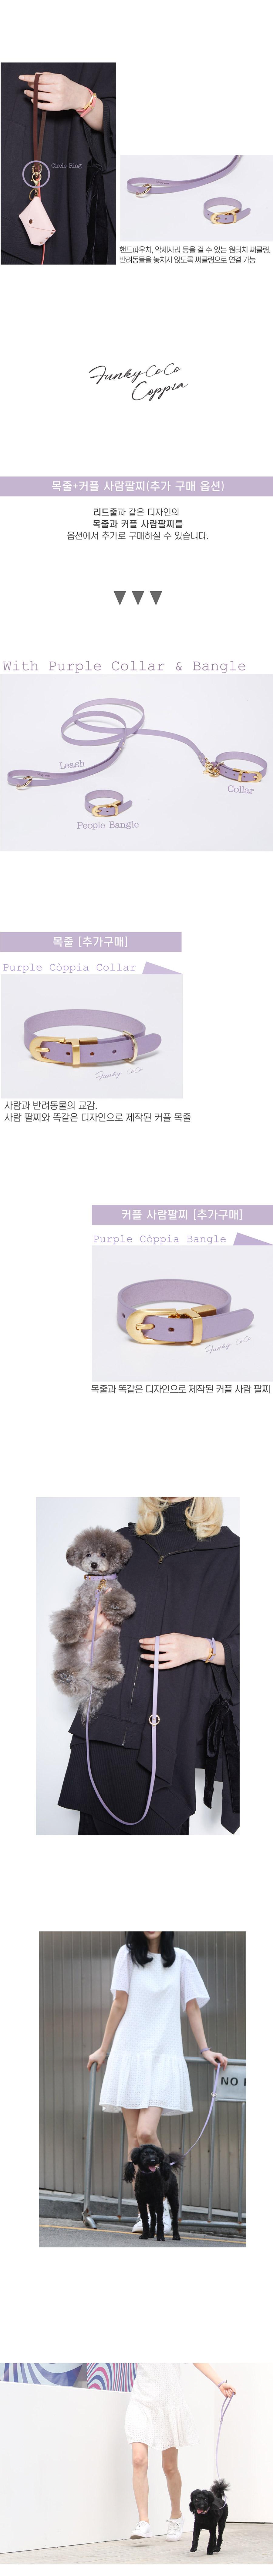 퍼플 코피아 리드줄 - 펑키코코, 38,700원, 이동장/리드줄/야외용품, 리드줄